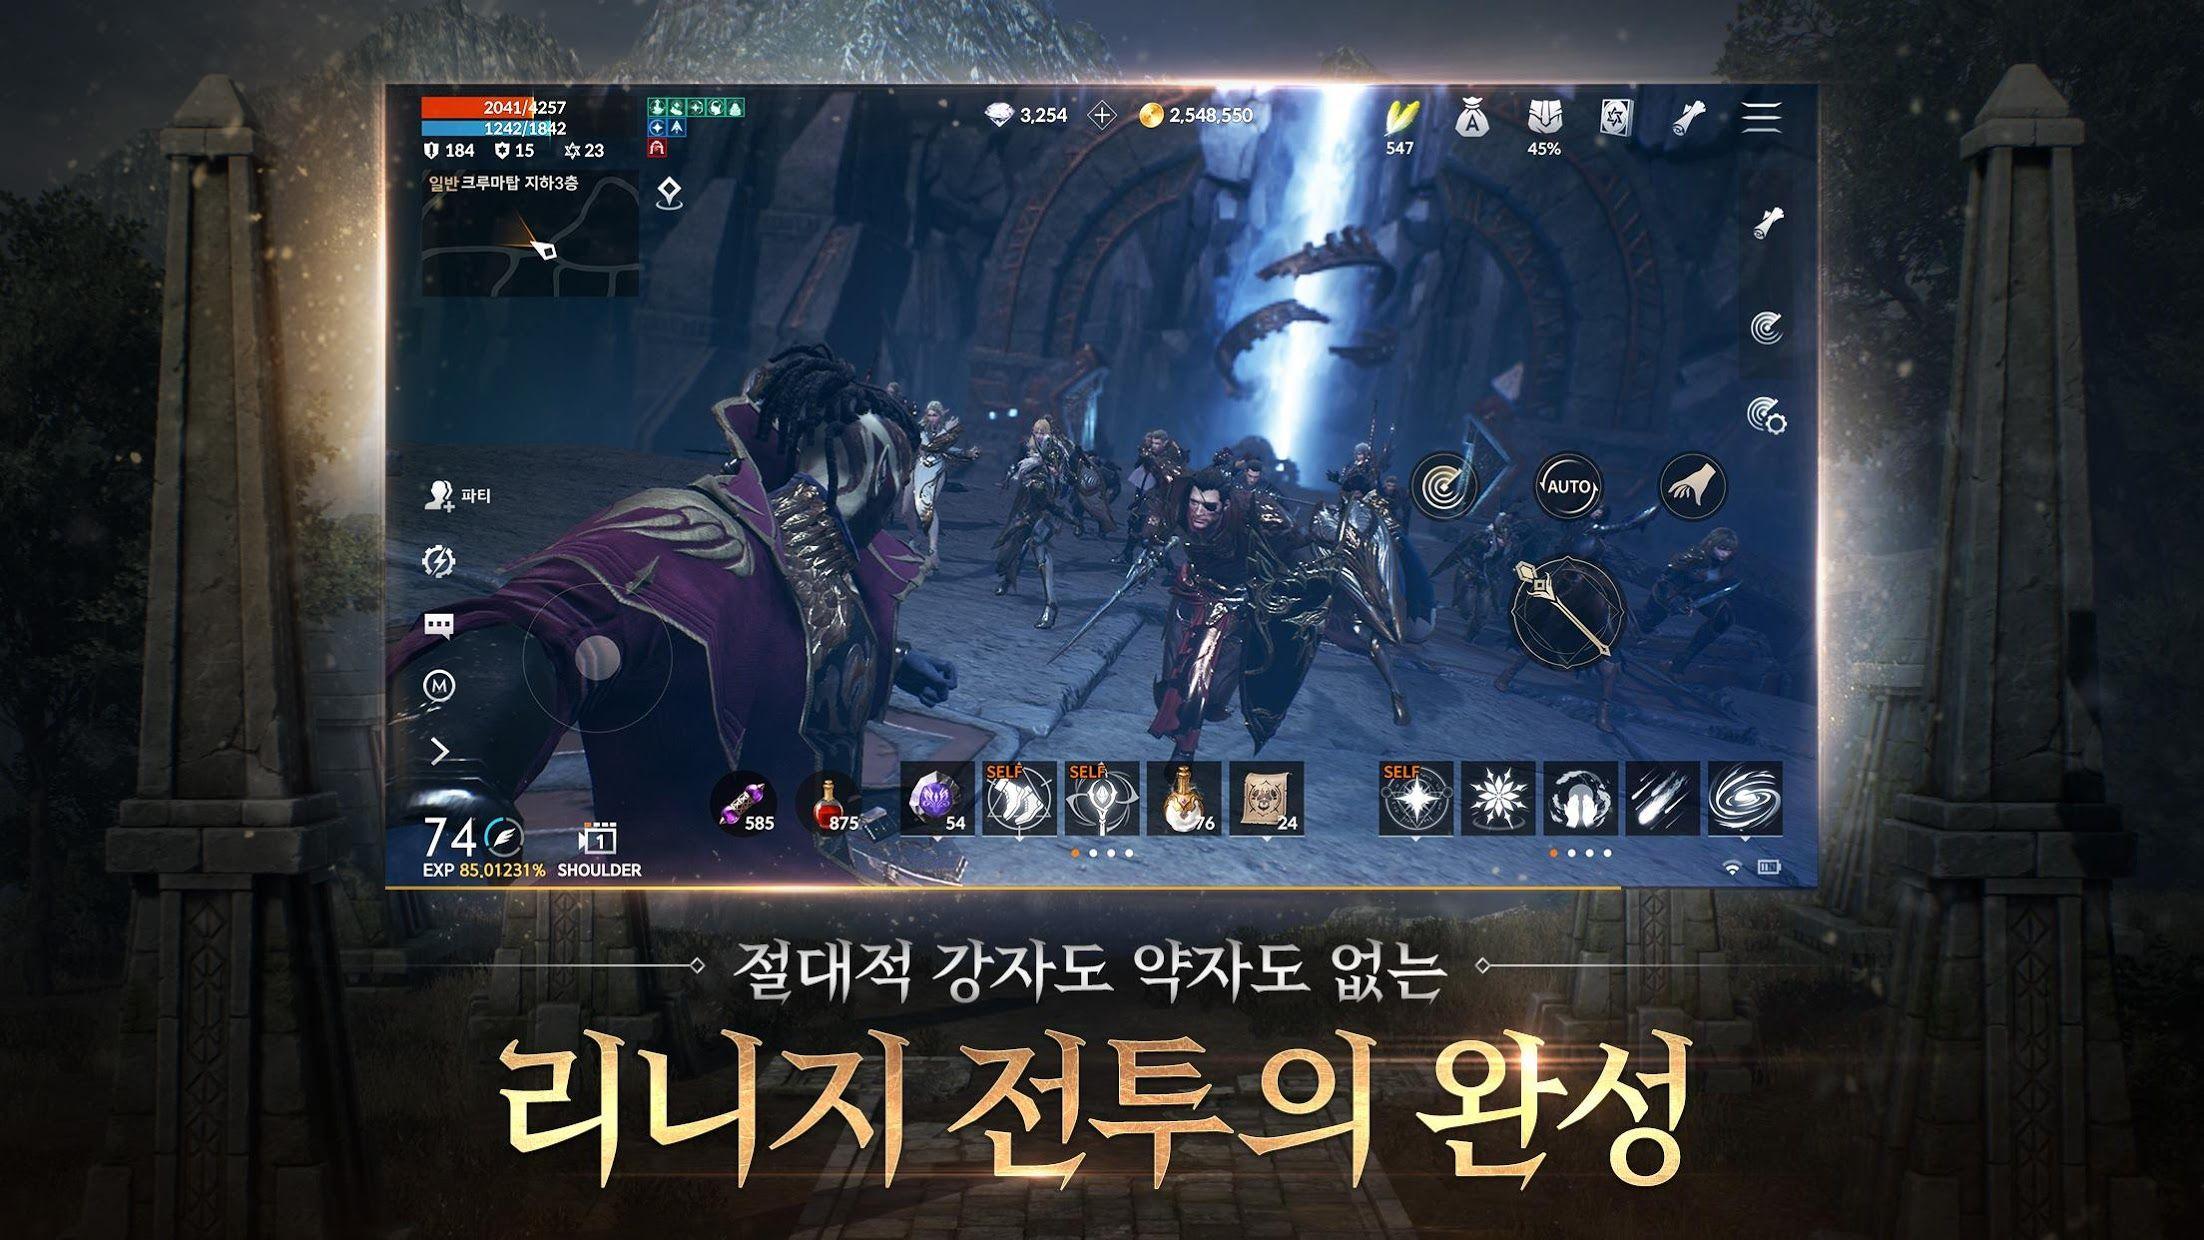 天堂2M(韩服 12+) 游戏截图4